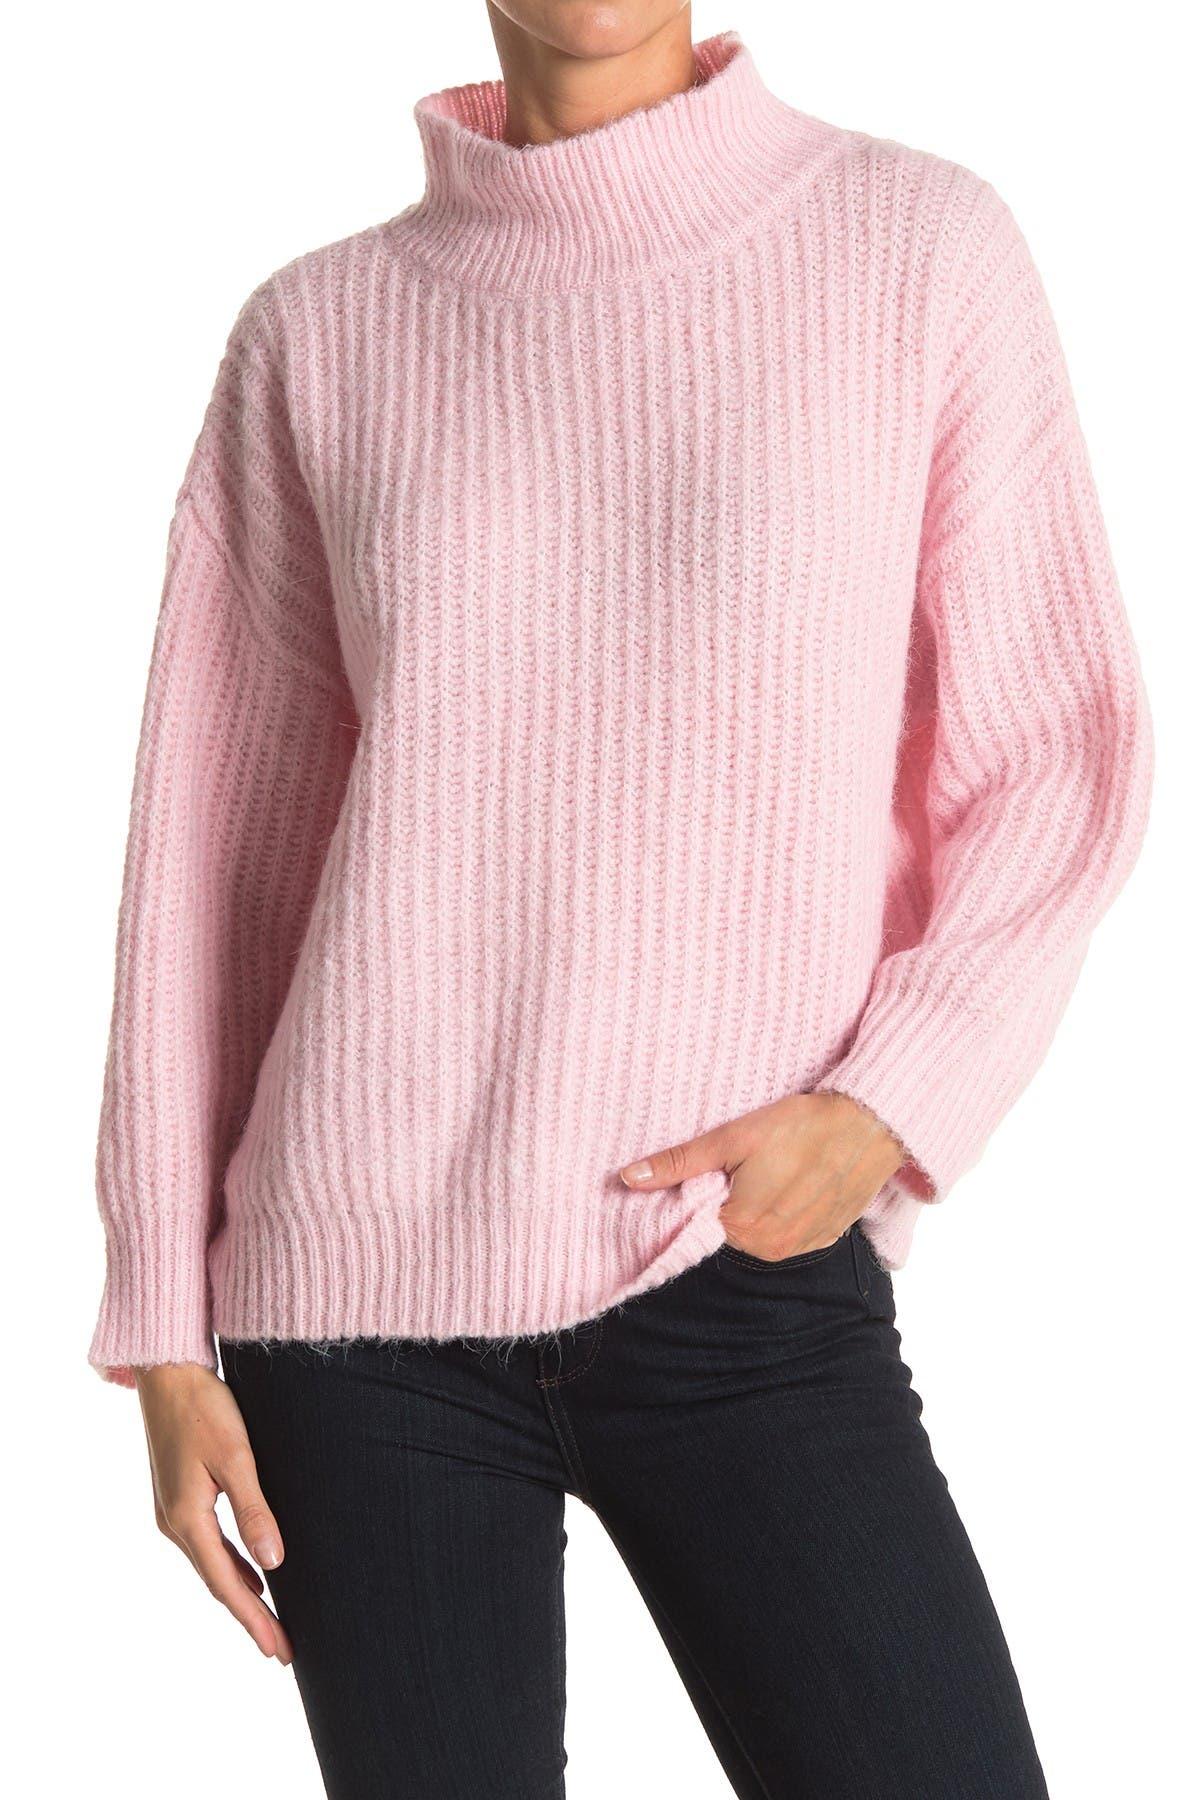 Image of FRNCH Neola Oversized Mock Neck Sweater